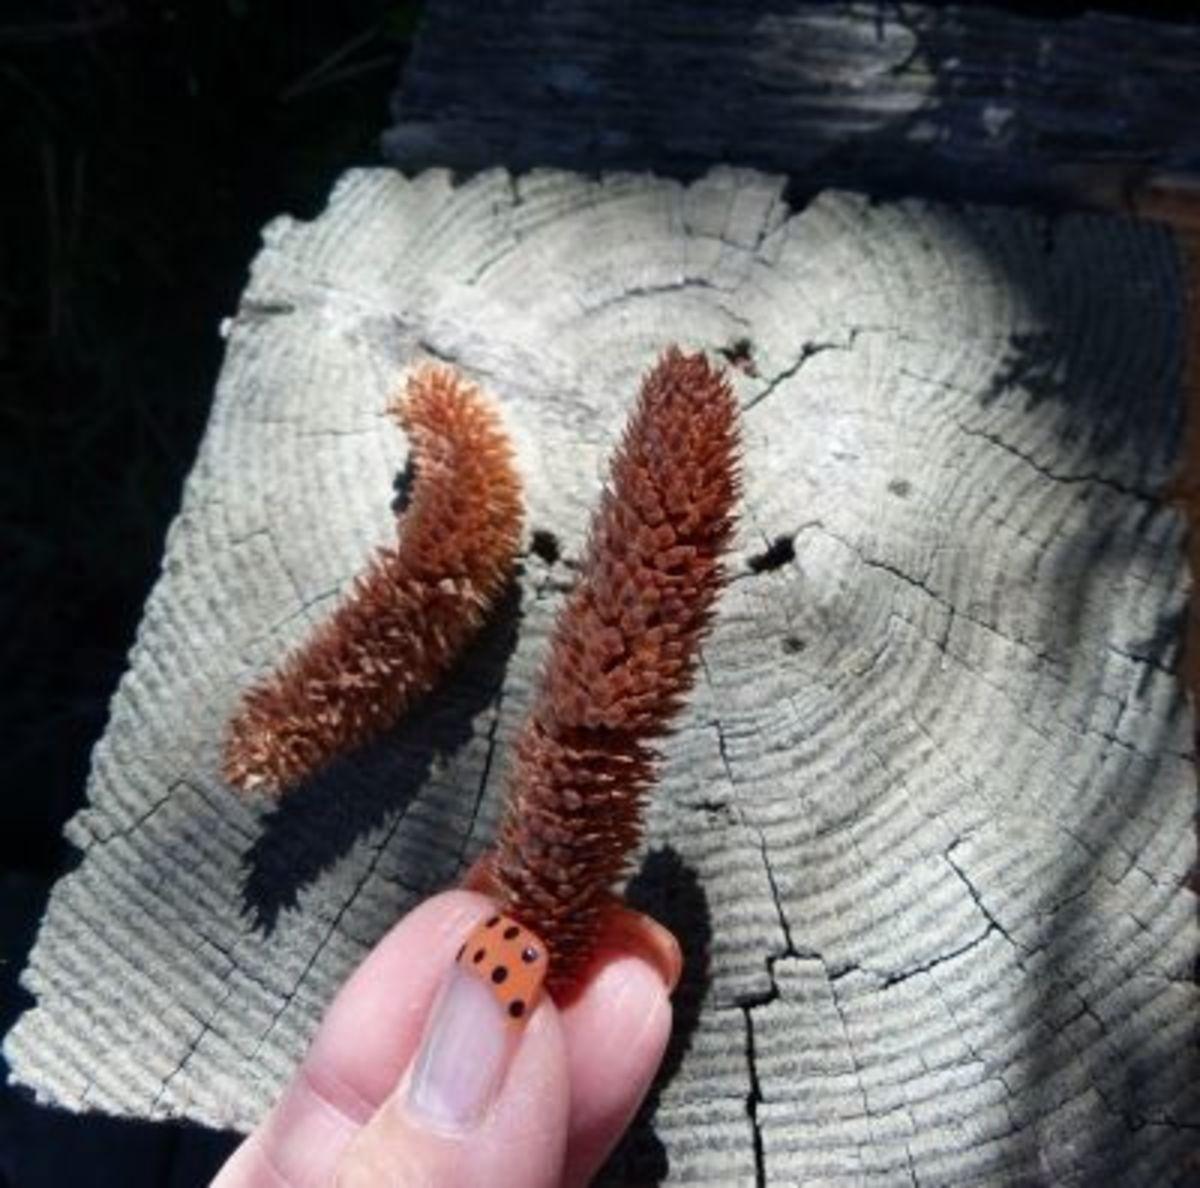 Dried male pollen cones of Atlas Blue Cedar